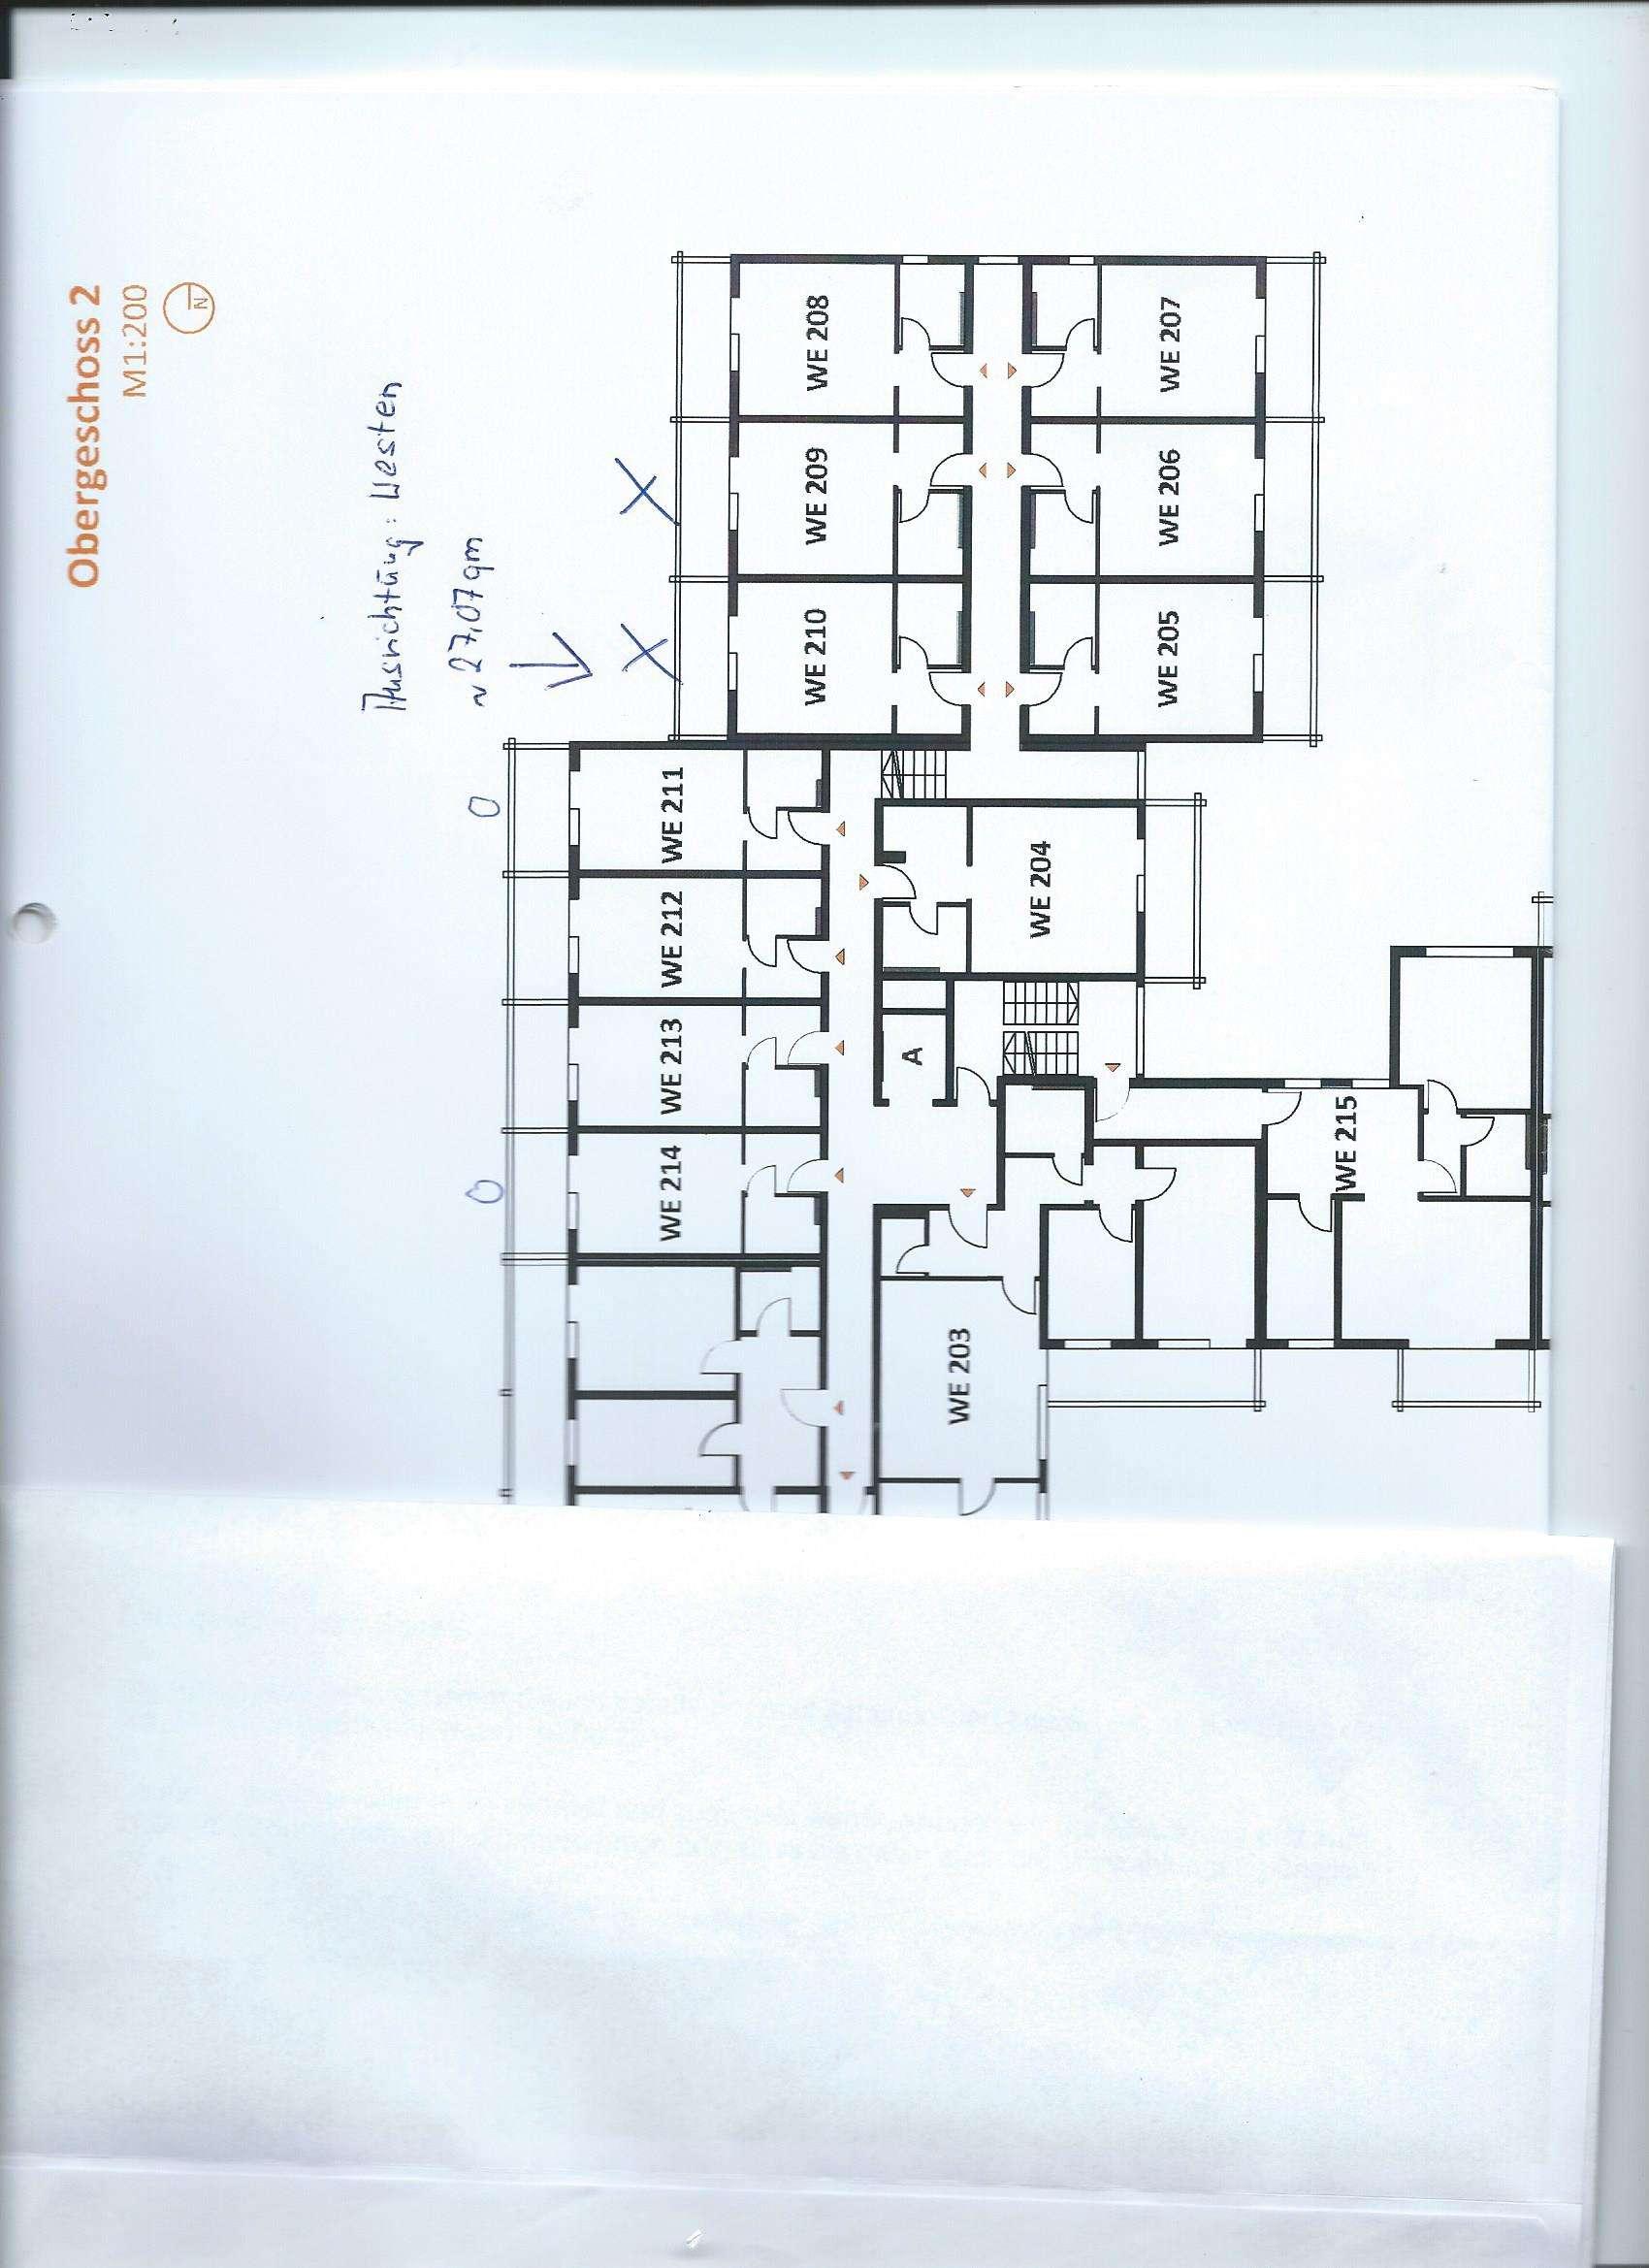 Helle, modernisierte 1-Zimmer-Wohnung mit Balkon, EBK und Bad in Regensburg